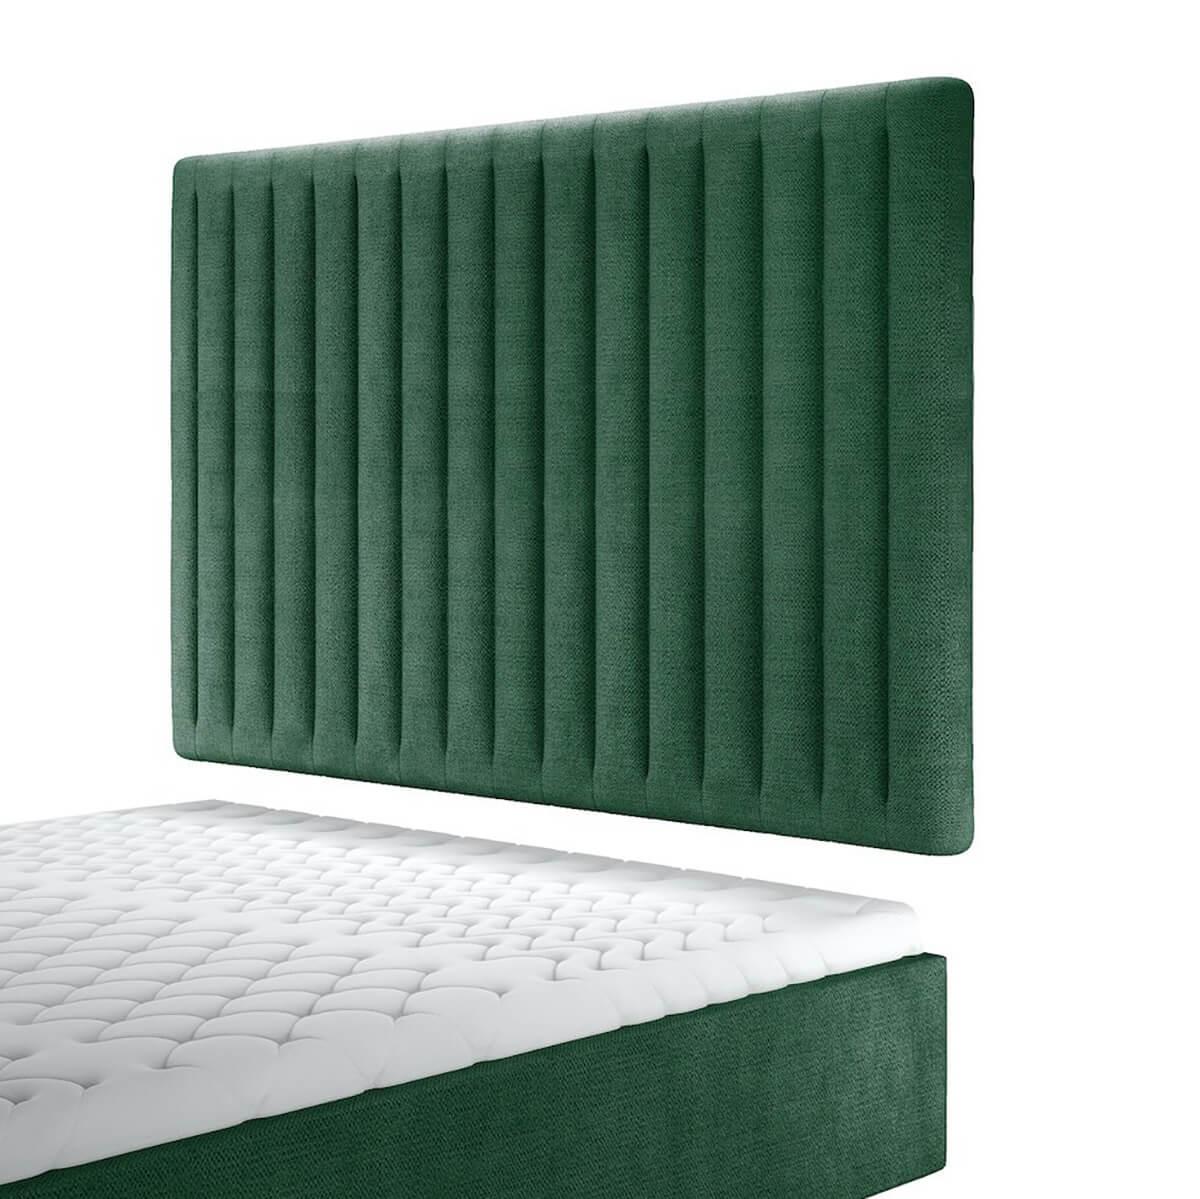 Висок стенен панел за тапицирано легло, модел ZPW-058